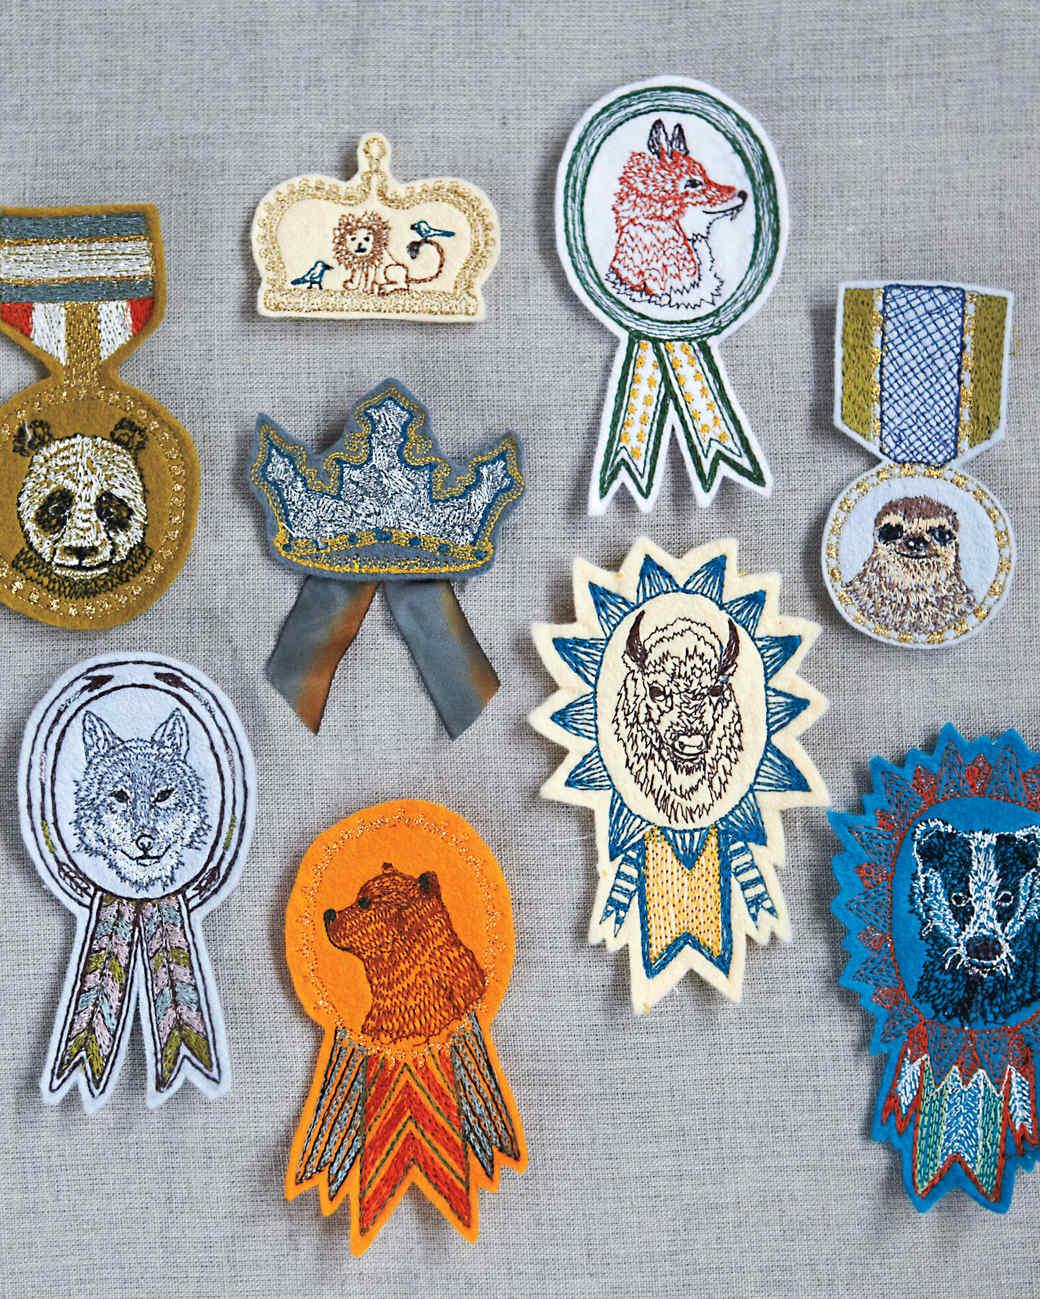 coral-tusk-badges-mld109600.jpg